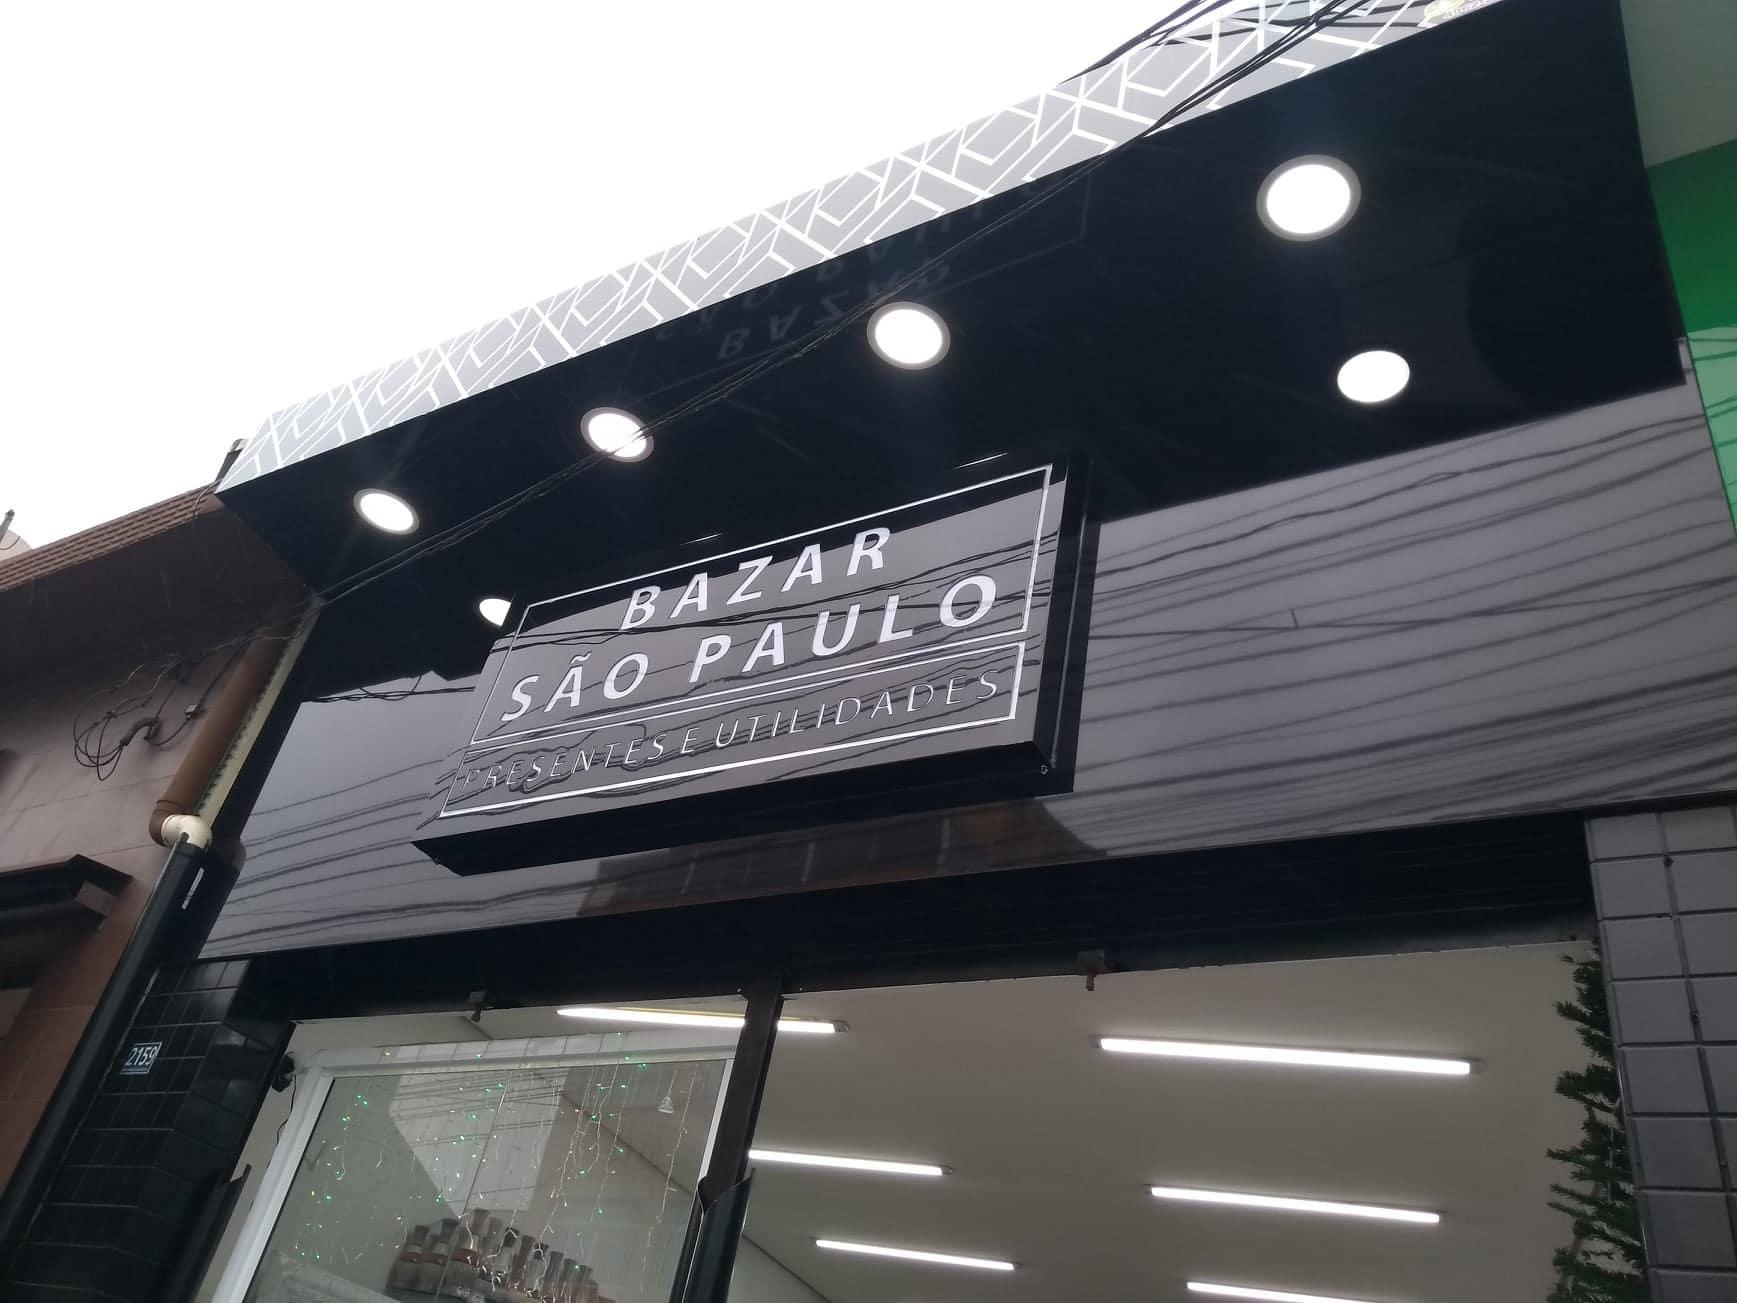 BAZAR SÃO PAULO